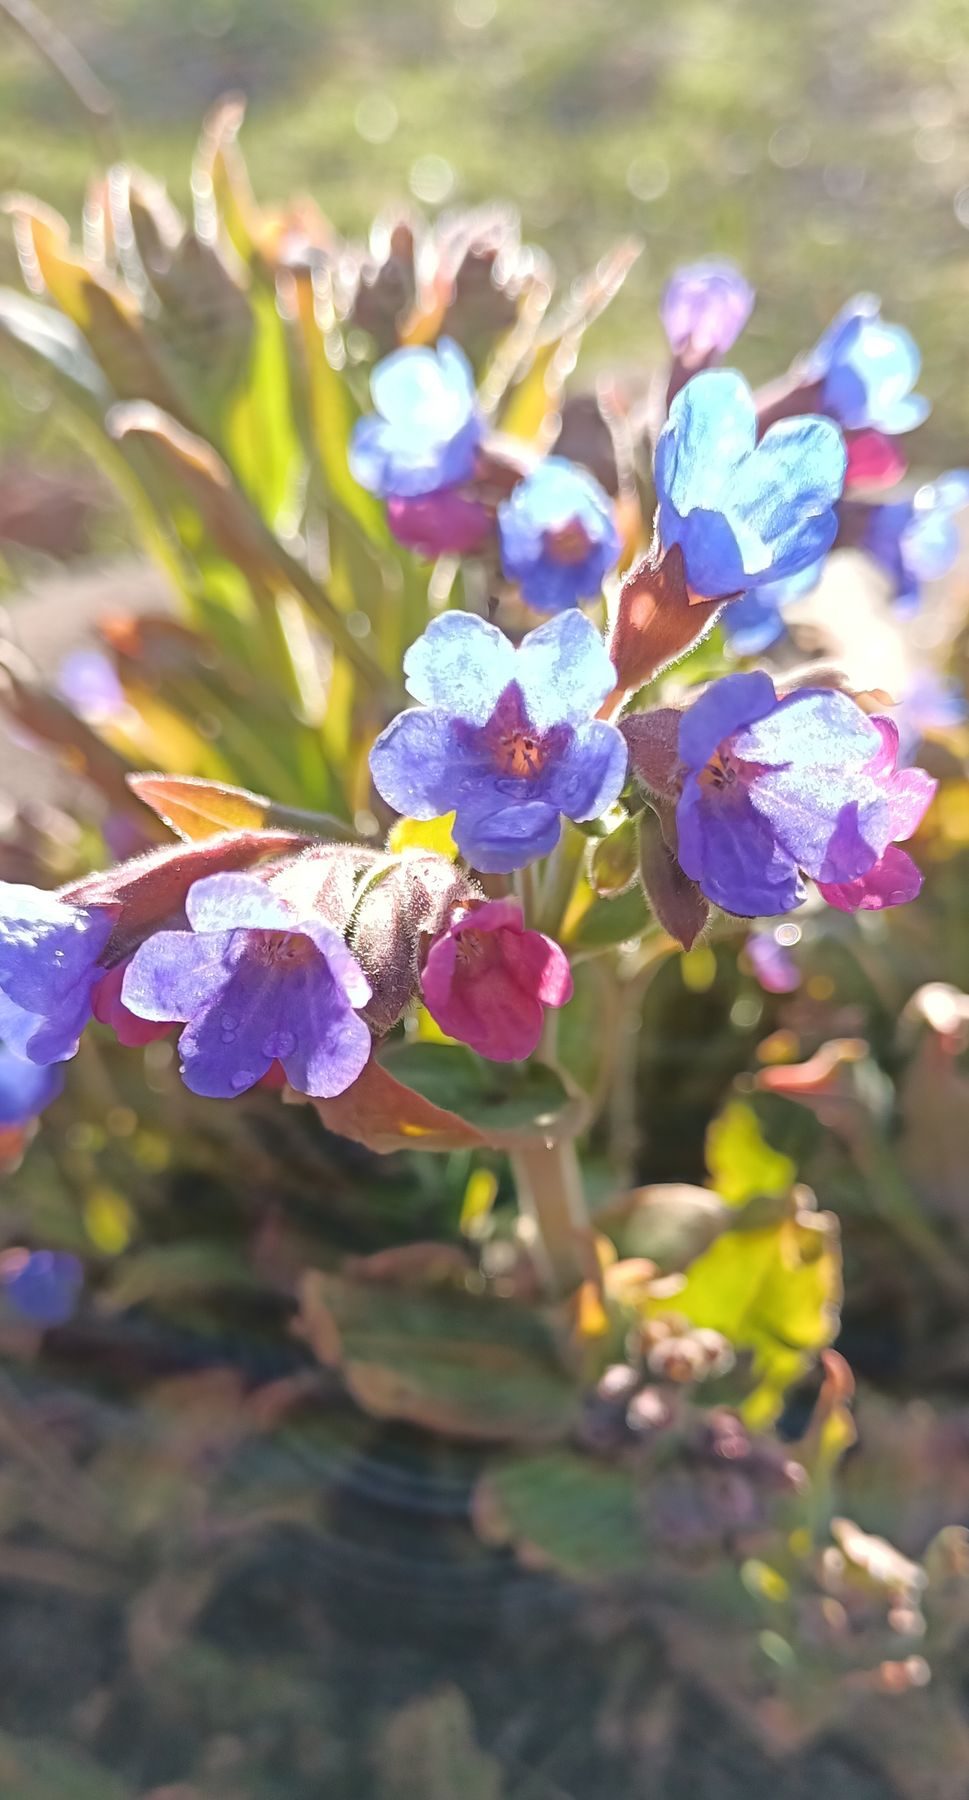 ***Залитые солнцем Цветы медуница солнечные цветы голубые красивые танцующие красота залитые солнцем весенние первоцветы солнечный блик весна ванны